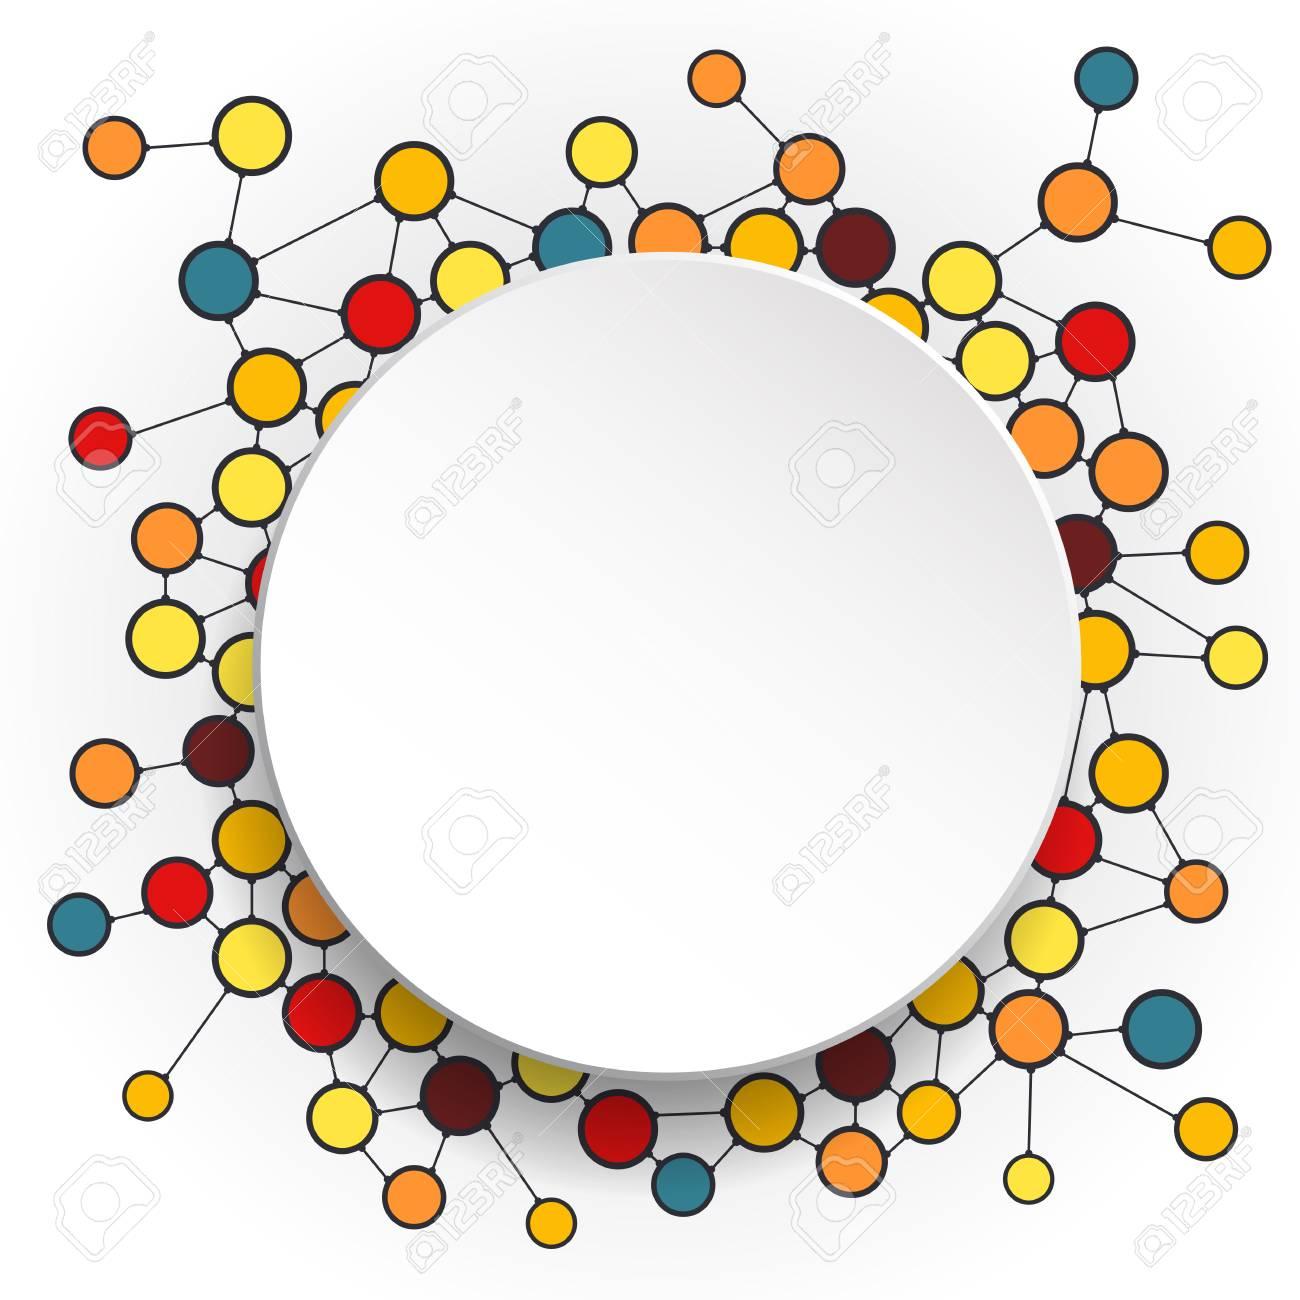 Abstrakte Moleküle Und 3D-Papierkreise Mit Leeren Platz Für Ihre ...